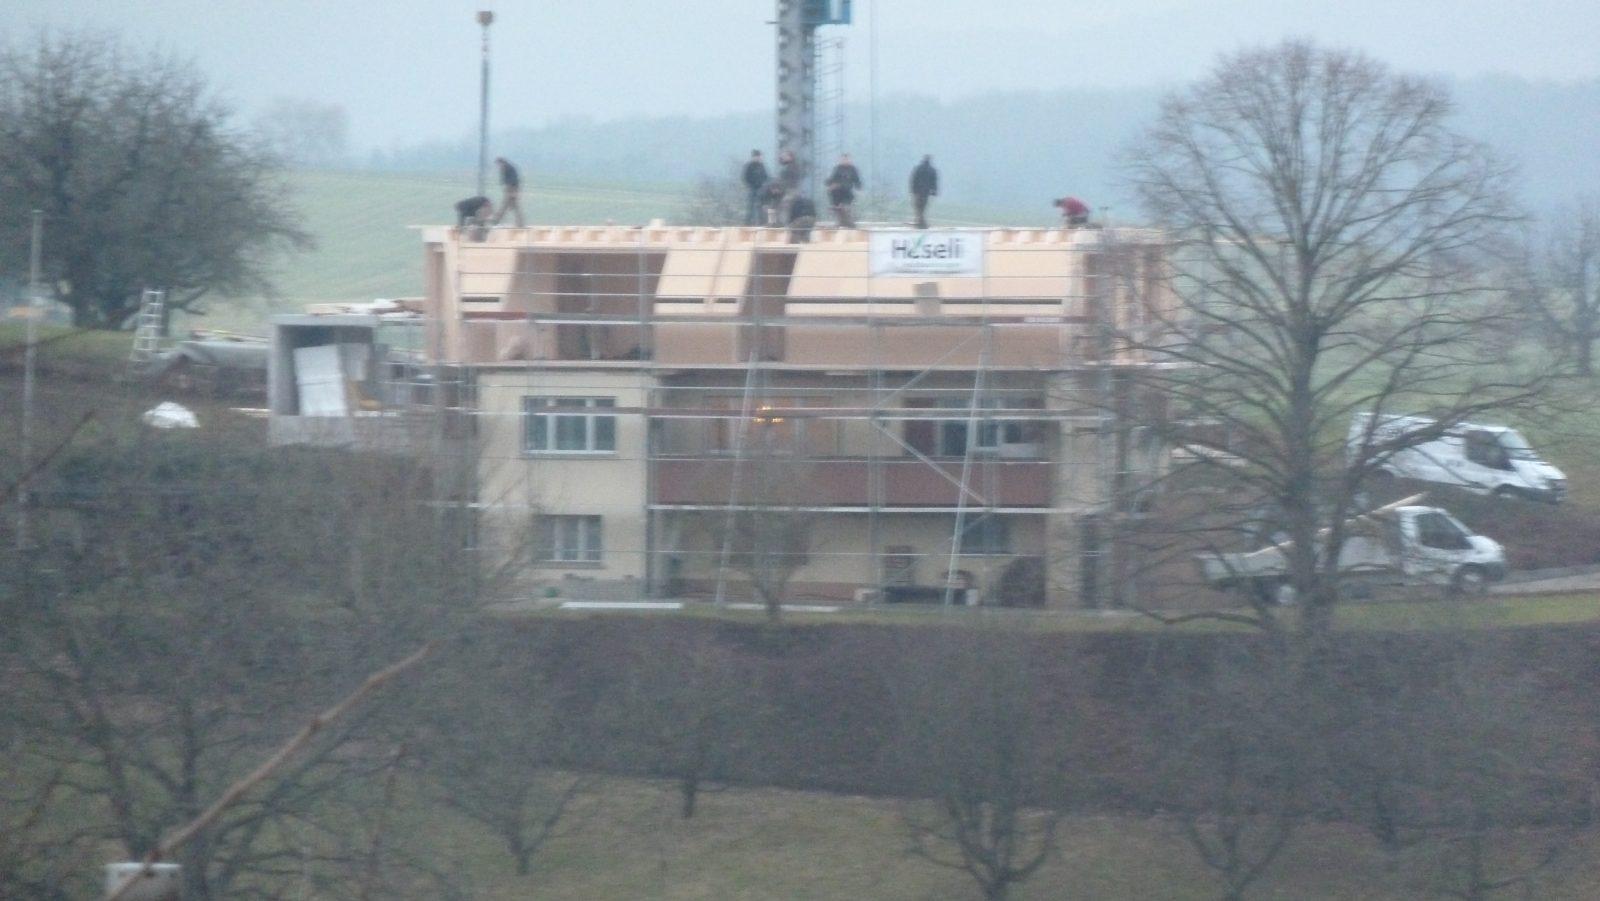 Umbau Eckert Zeihen